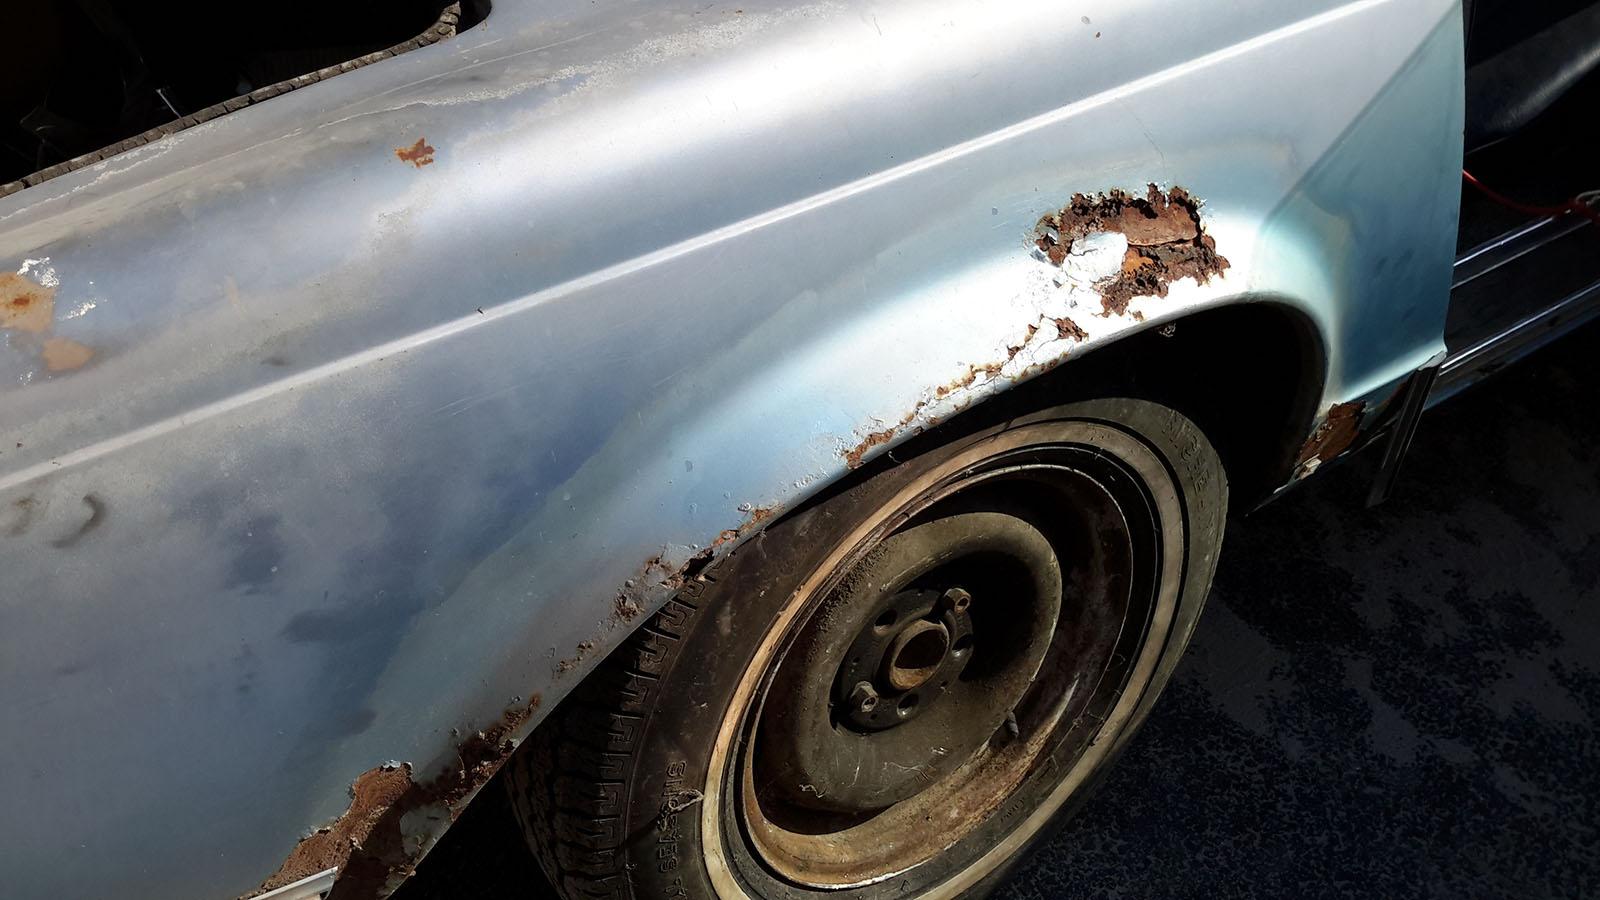 Mercedes W113 Pagoda 280 SL kék (1969)